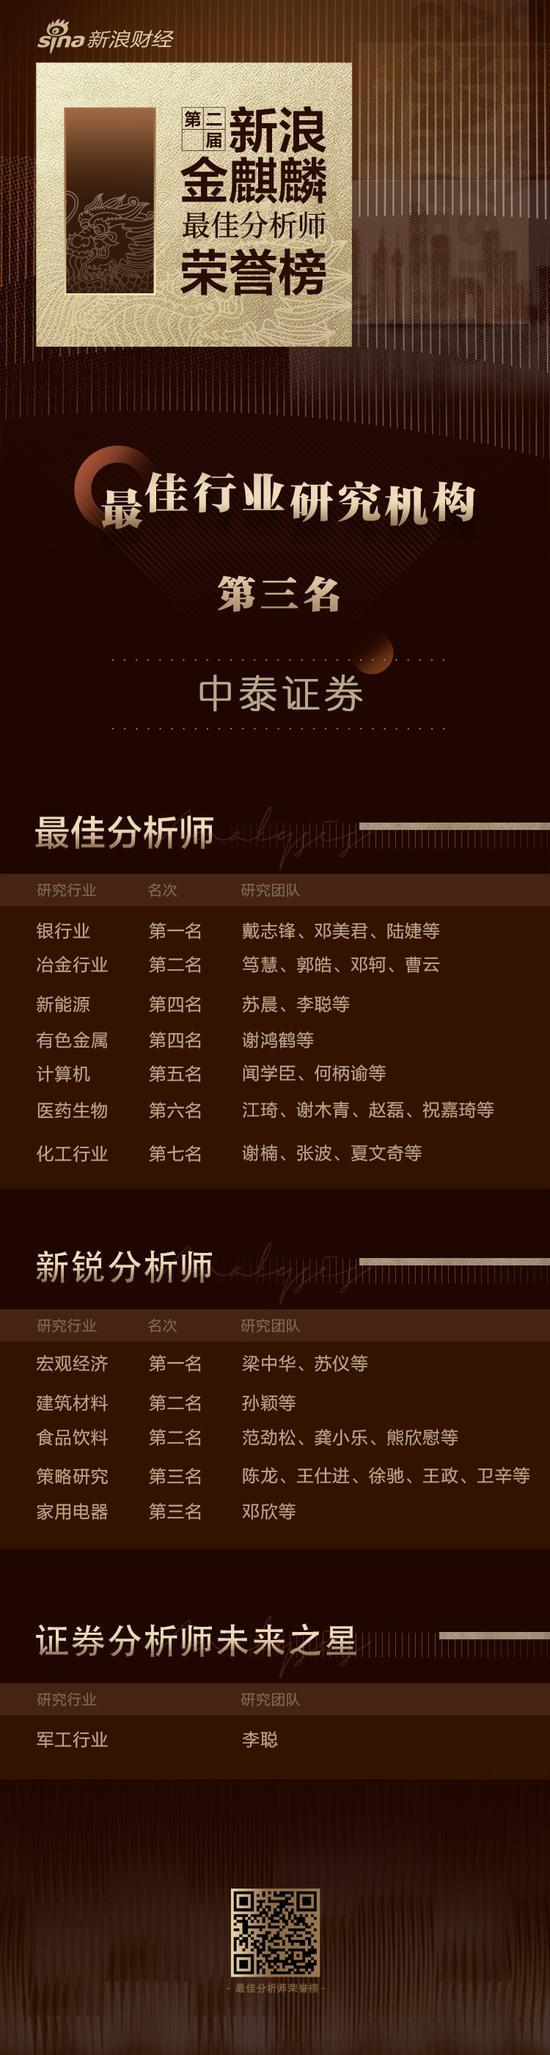 第二届新浪金麒麟最佳分析师名单:中泰证券银行业获第一